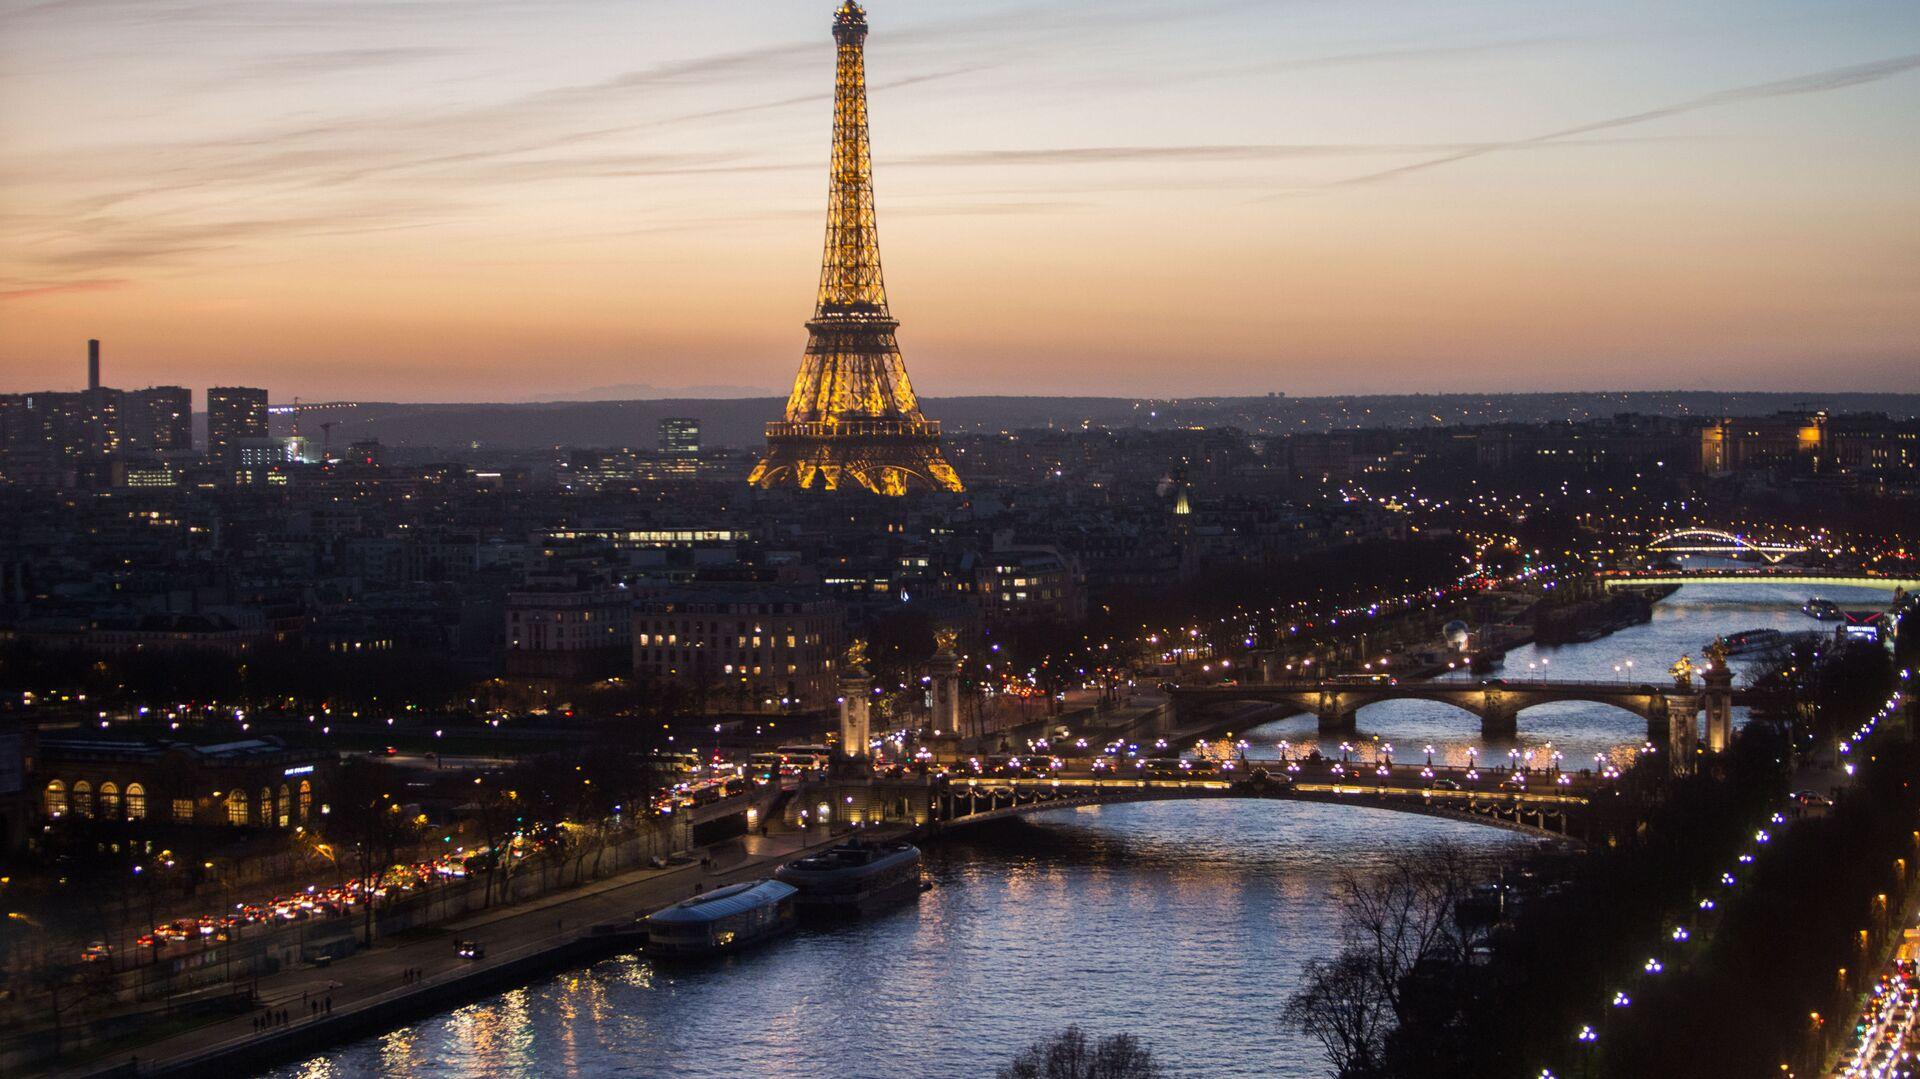 Pohled na Eiffelovu věž - Sputnik Česká republika, 1920, 31.05.2021